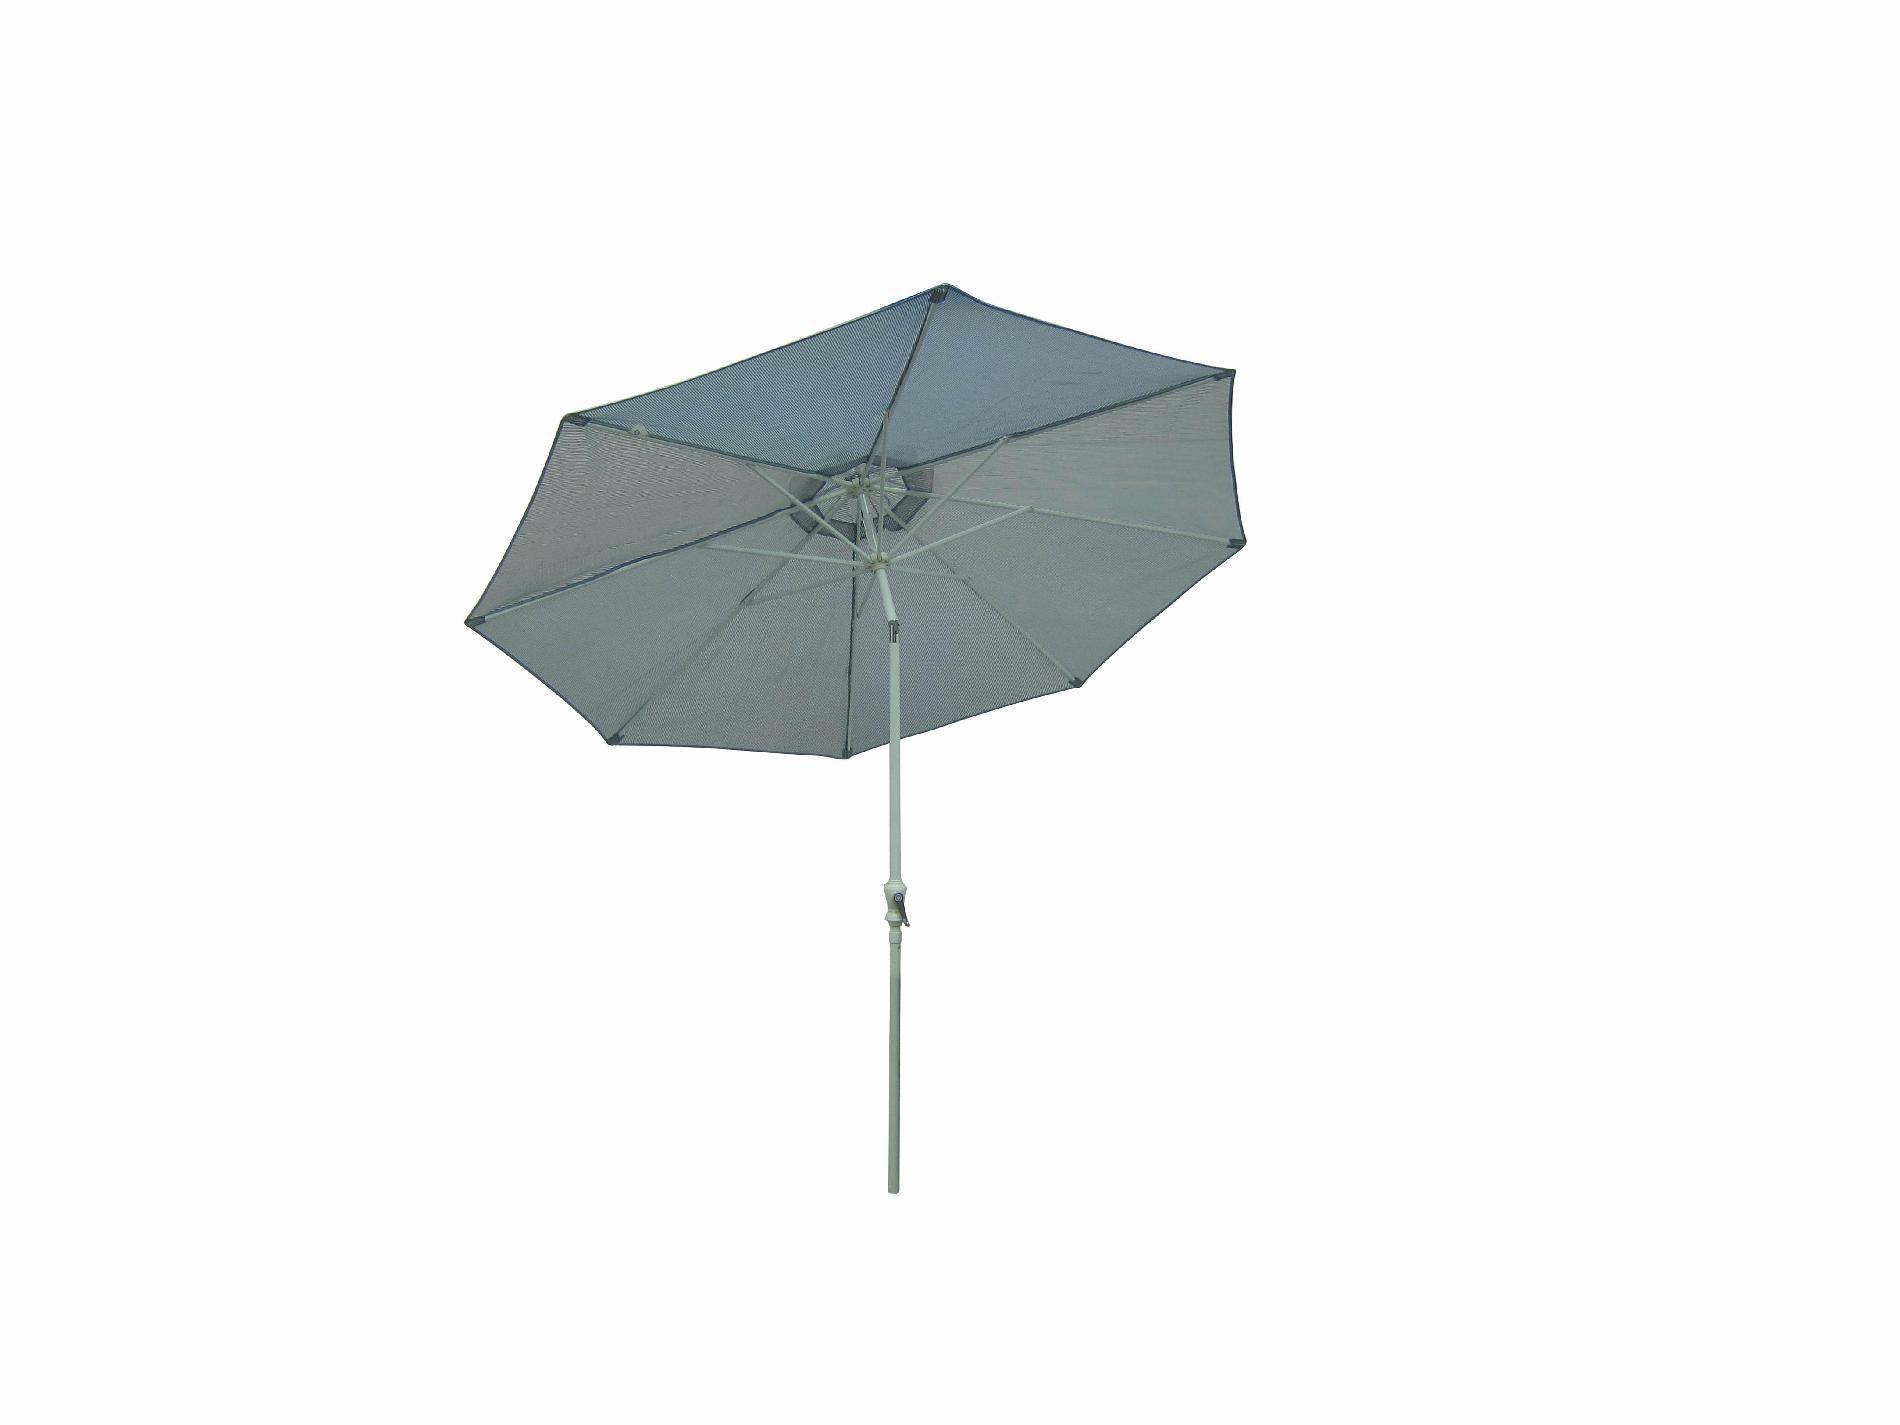 Grand Resort Glendora Umbrella